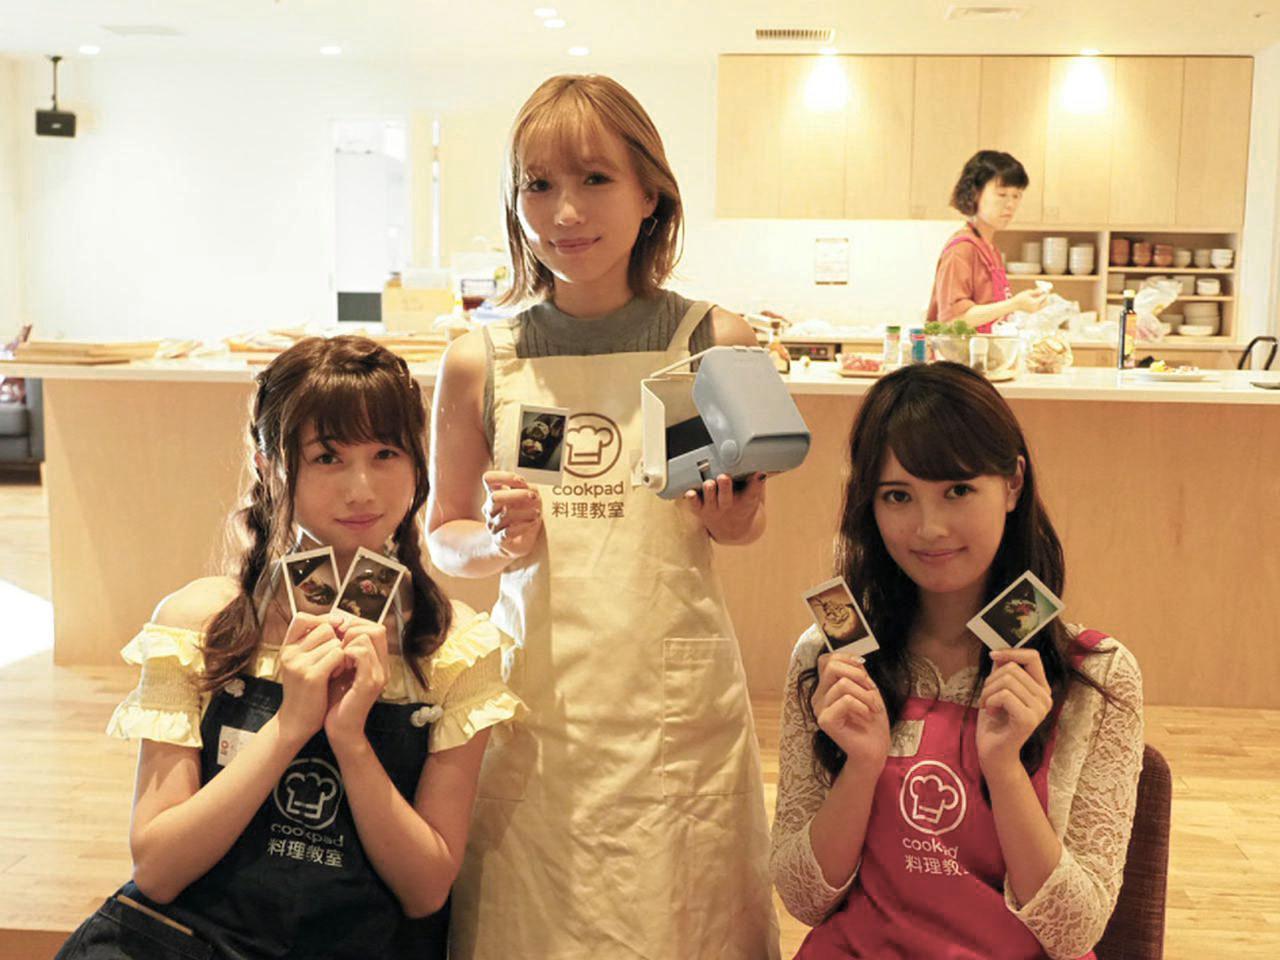 画像: 当日はファッションモデルの増澤璃凜子ちゃん(写真左)、鎌田安里紗ちゃん(写真中)、宮内理沙ちゃん(写真右)達もゲスト参加した。